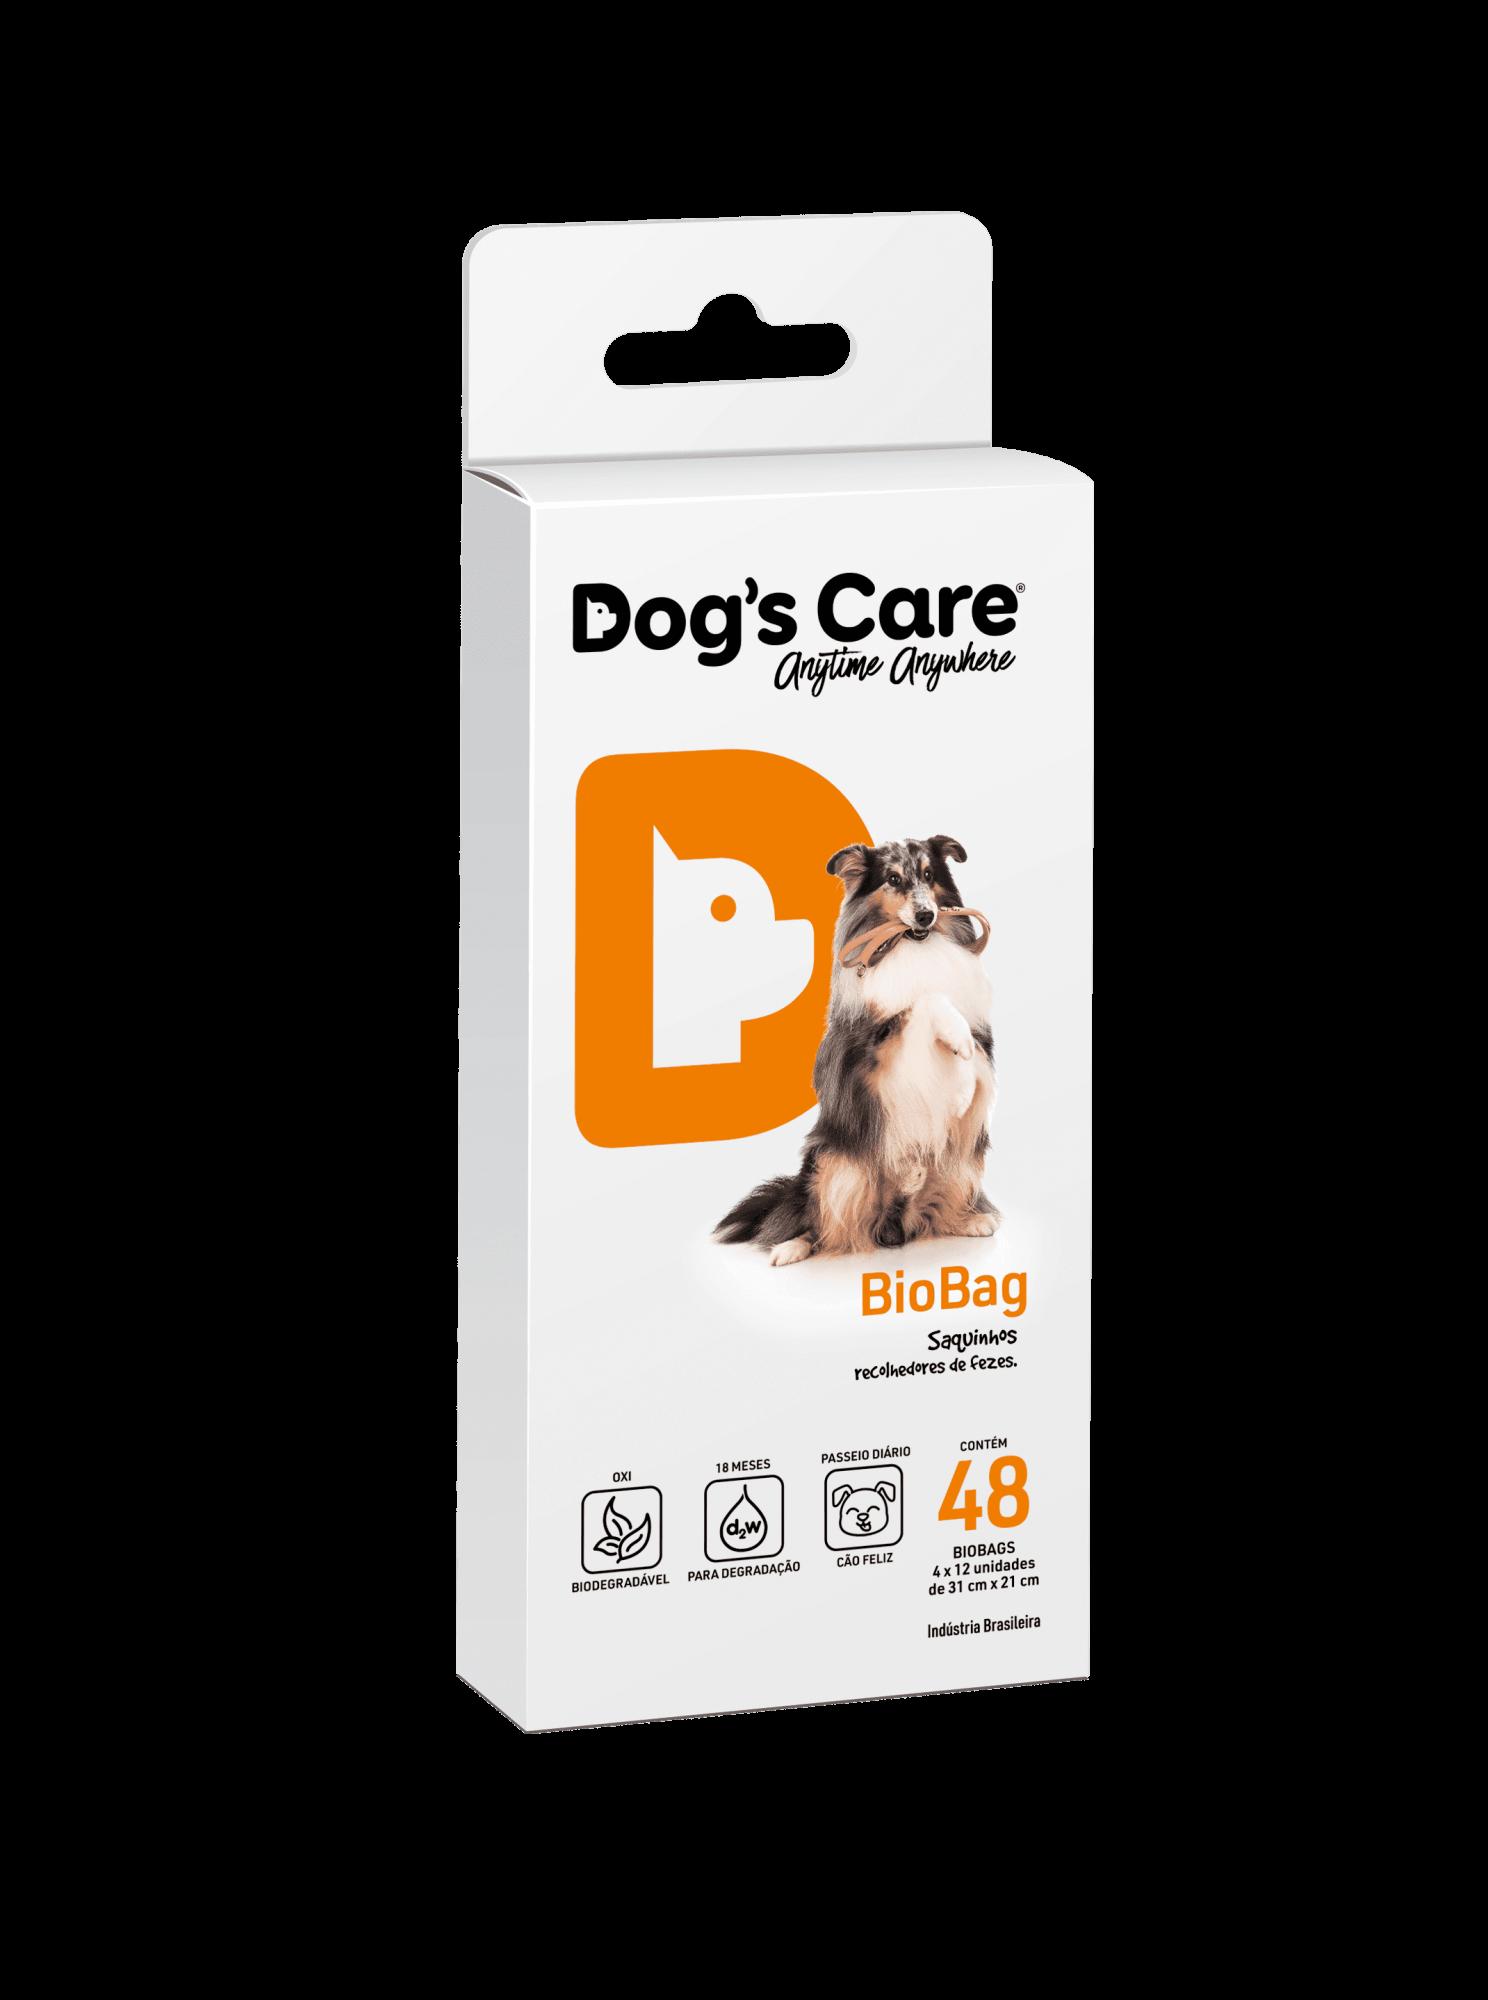 Biobag Refil Coletor de Fezes Dog's Care